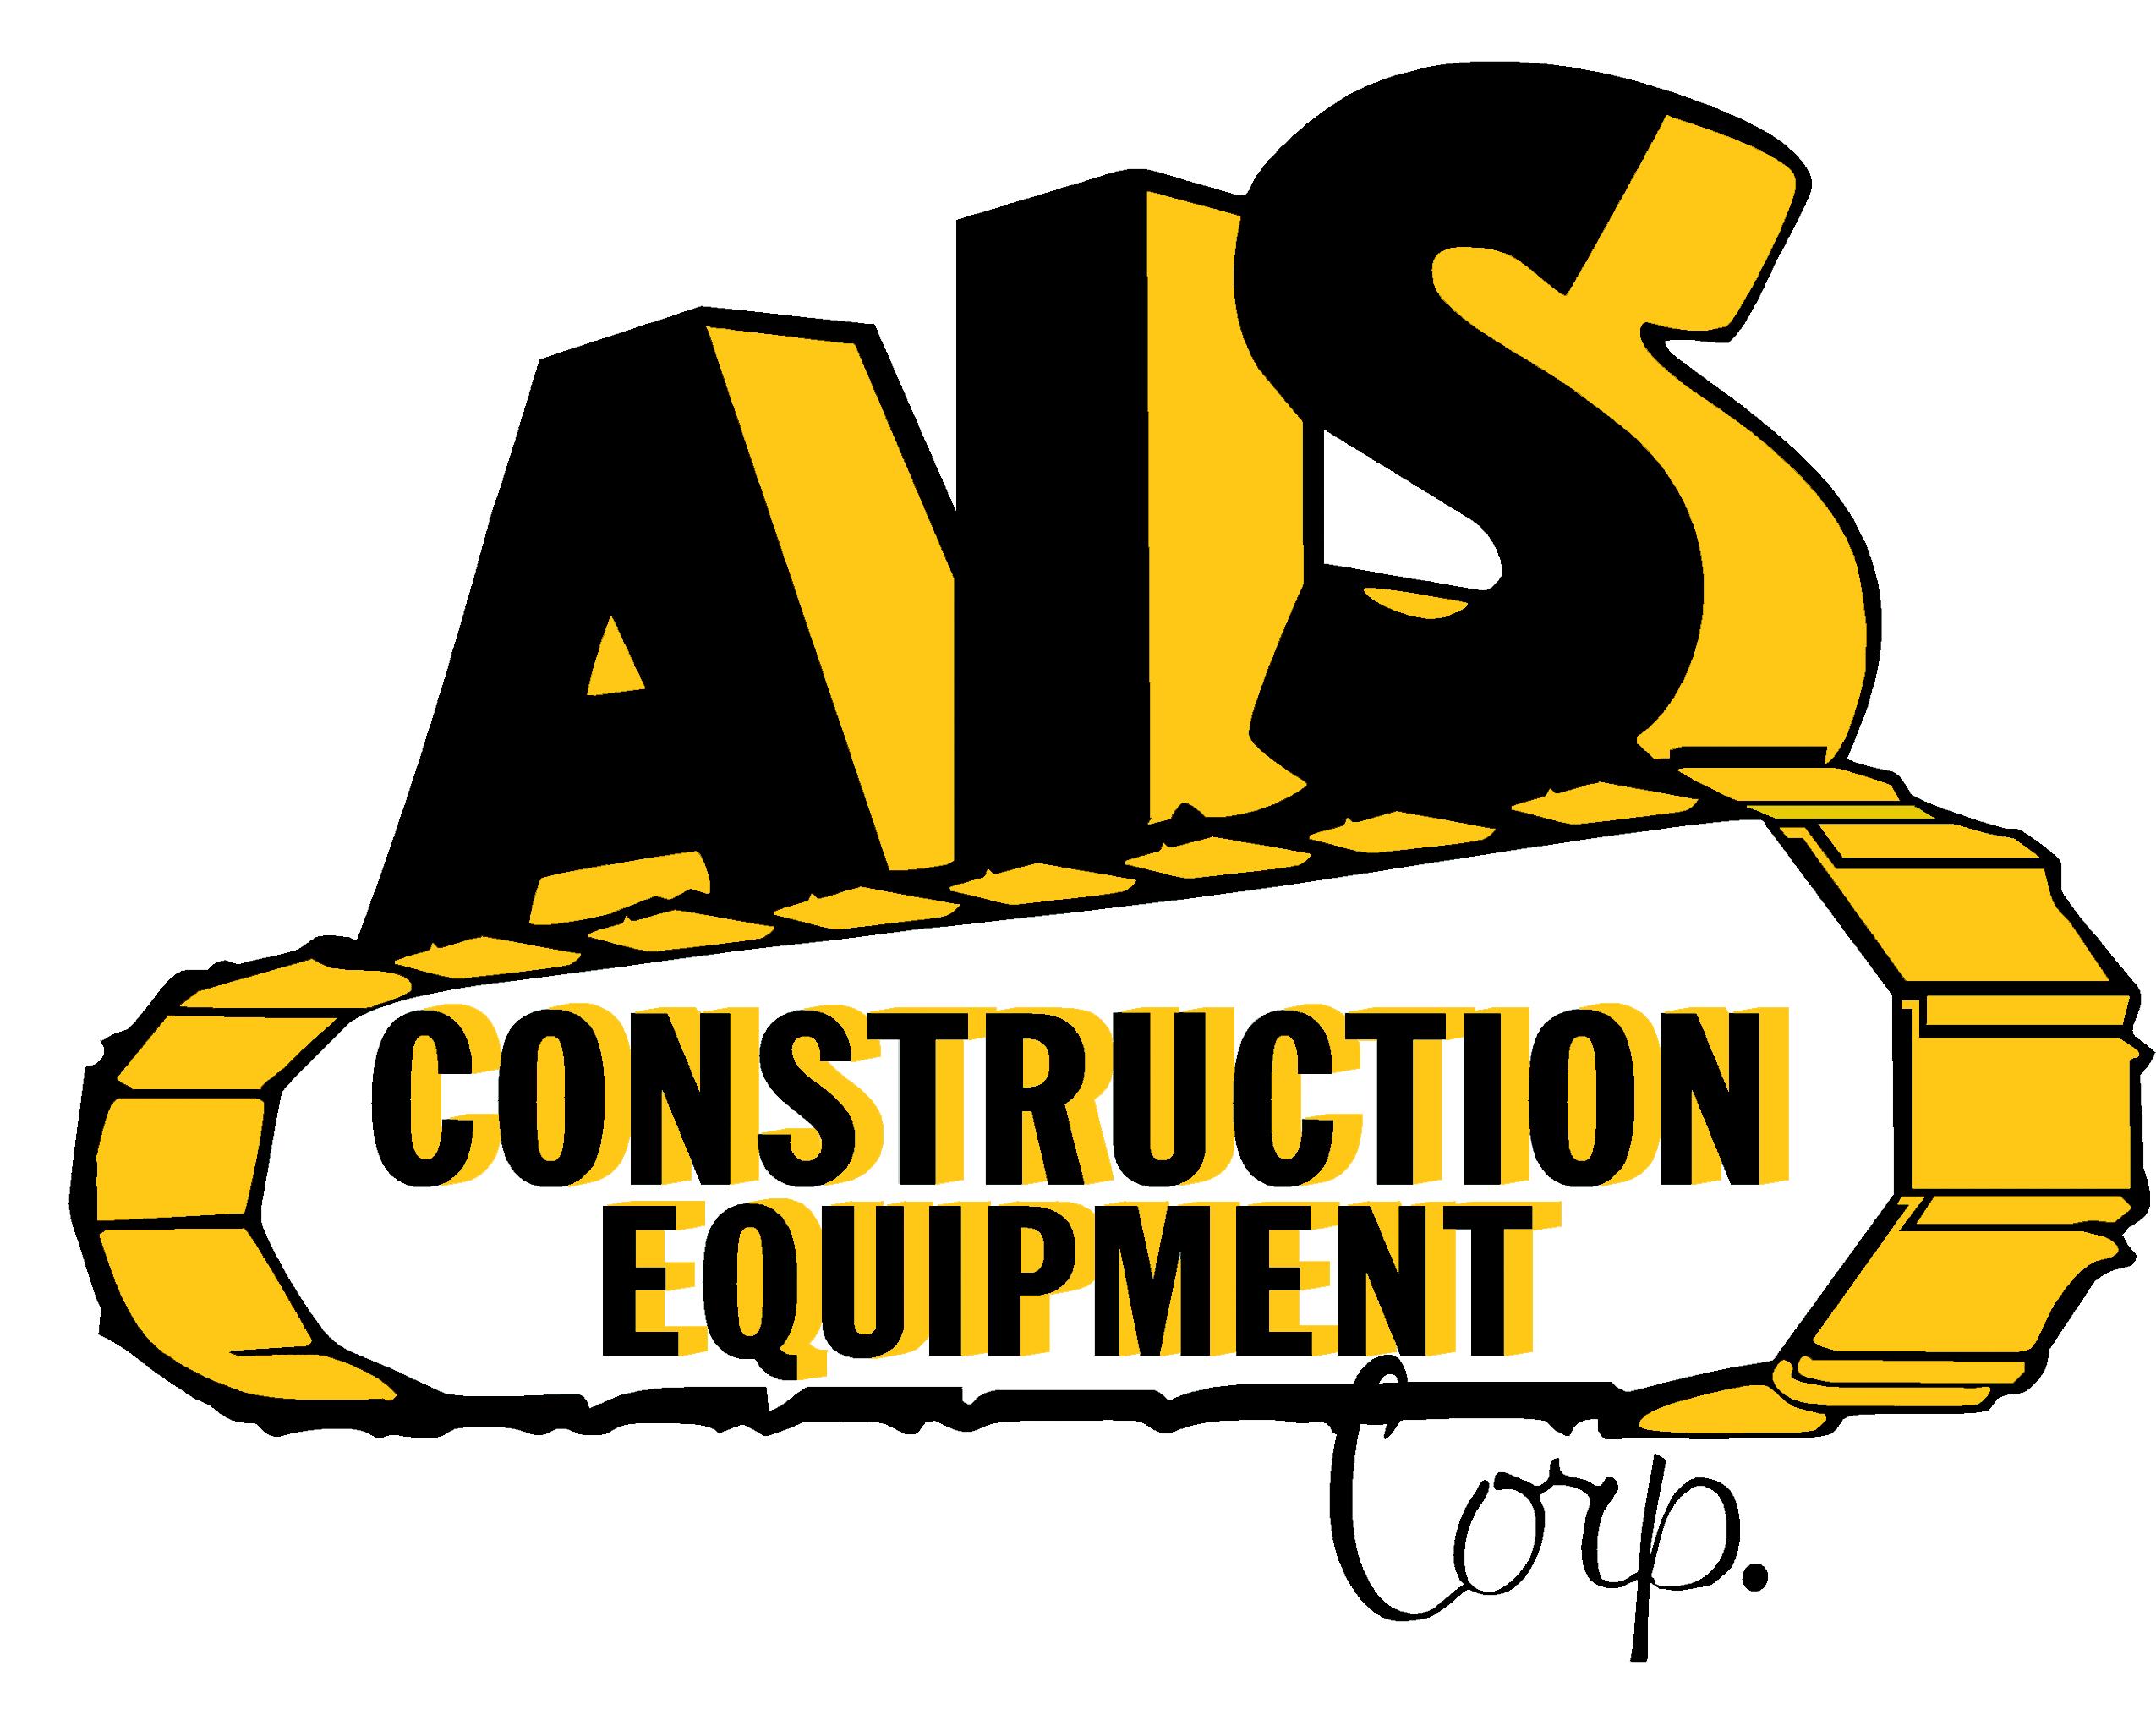 construction equipment logo wwwimgkidcom the image